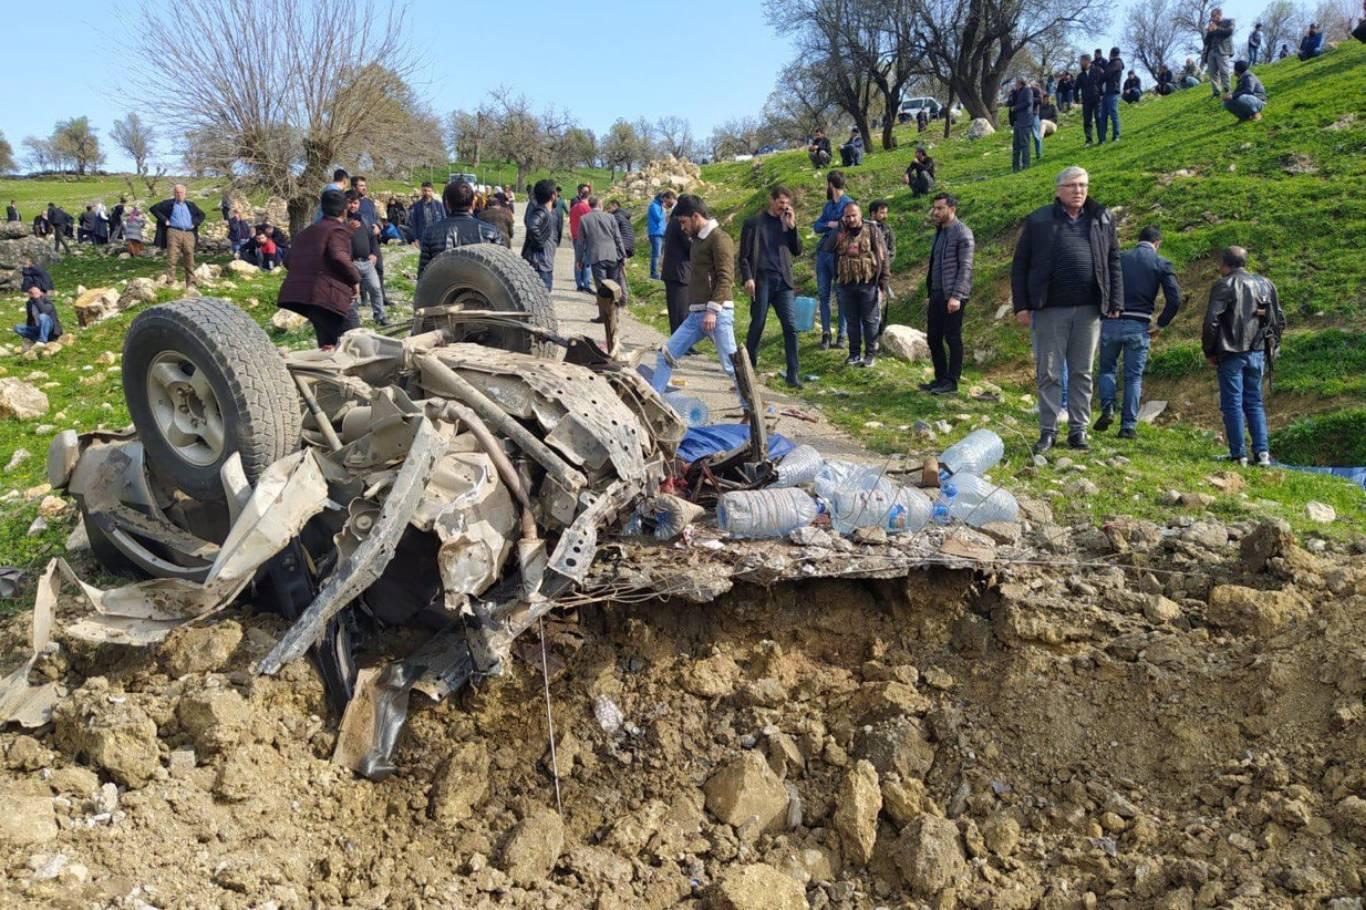 Diyarbakır'da orman işçilerine saldırı: 5 şehit